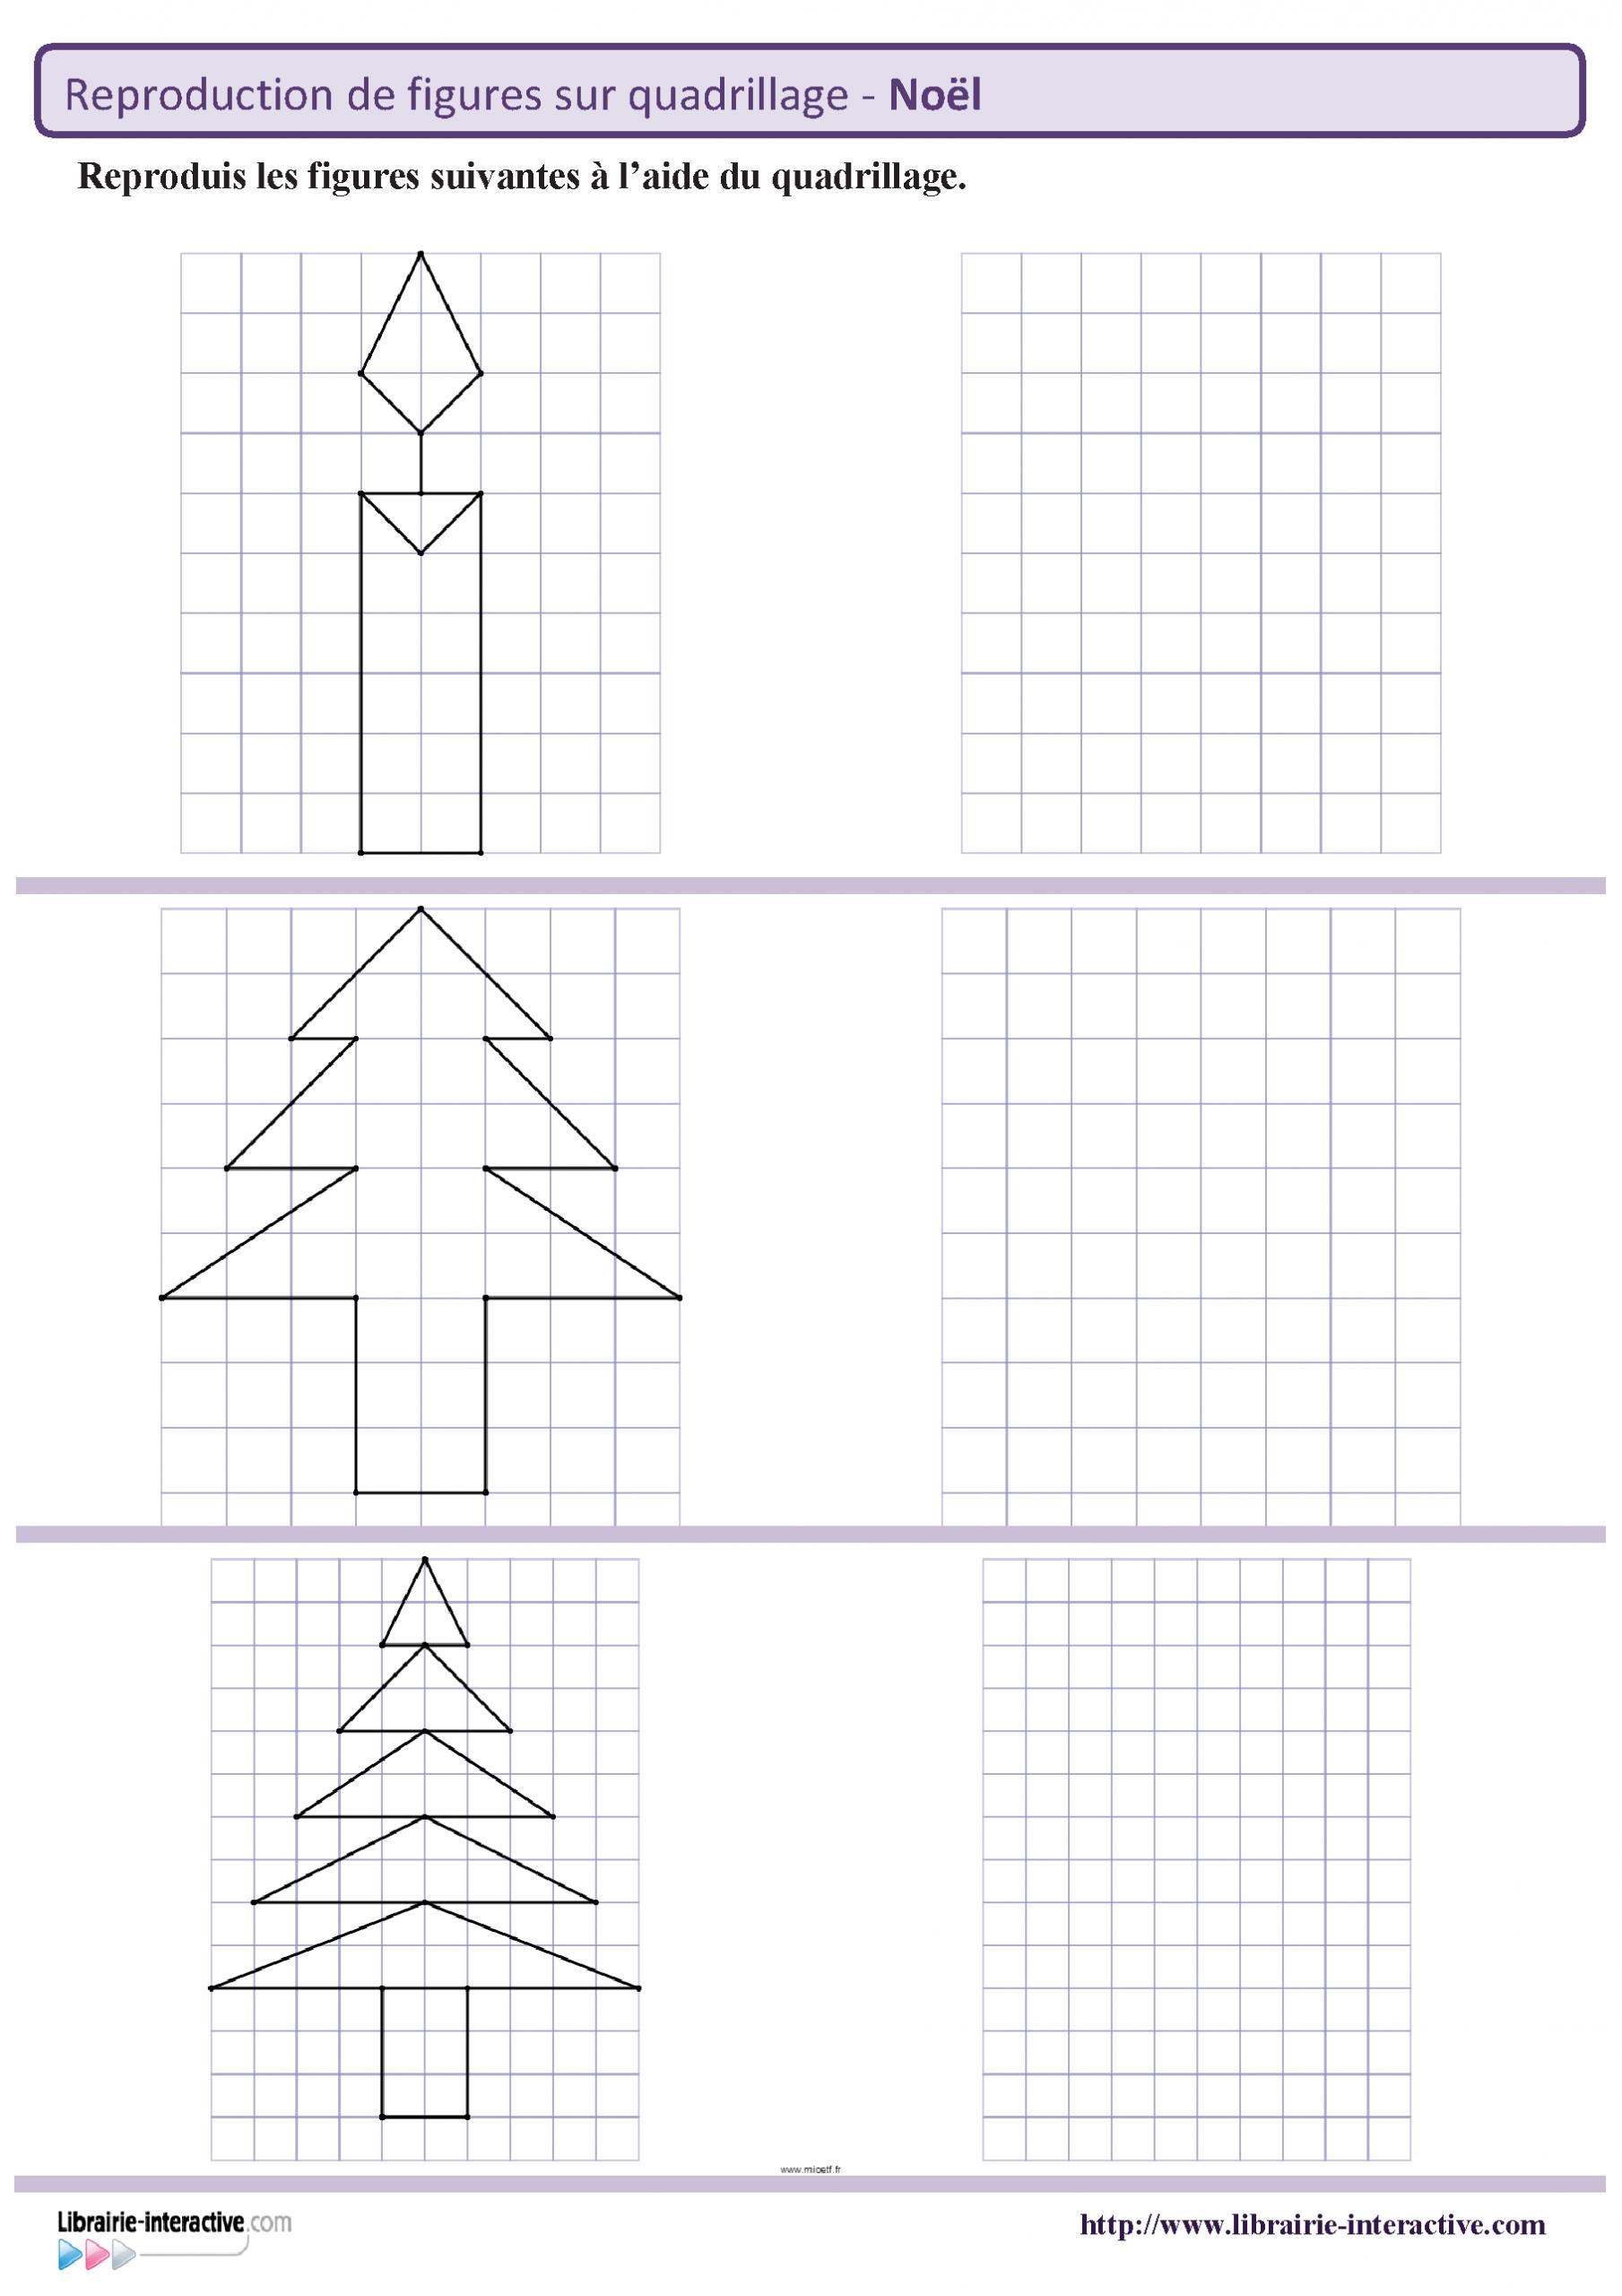 Des Figures Géométriques Sur Le Thème De Noël À Reproduire destiné Reproduction Sur Quadrillage Cm1 A Imprimer